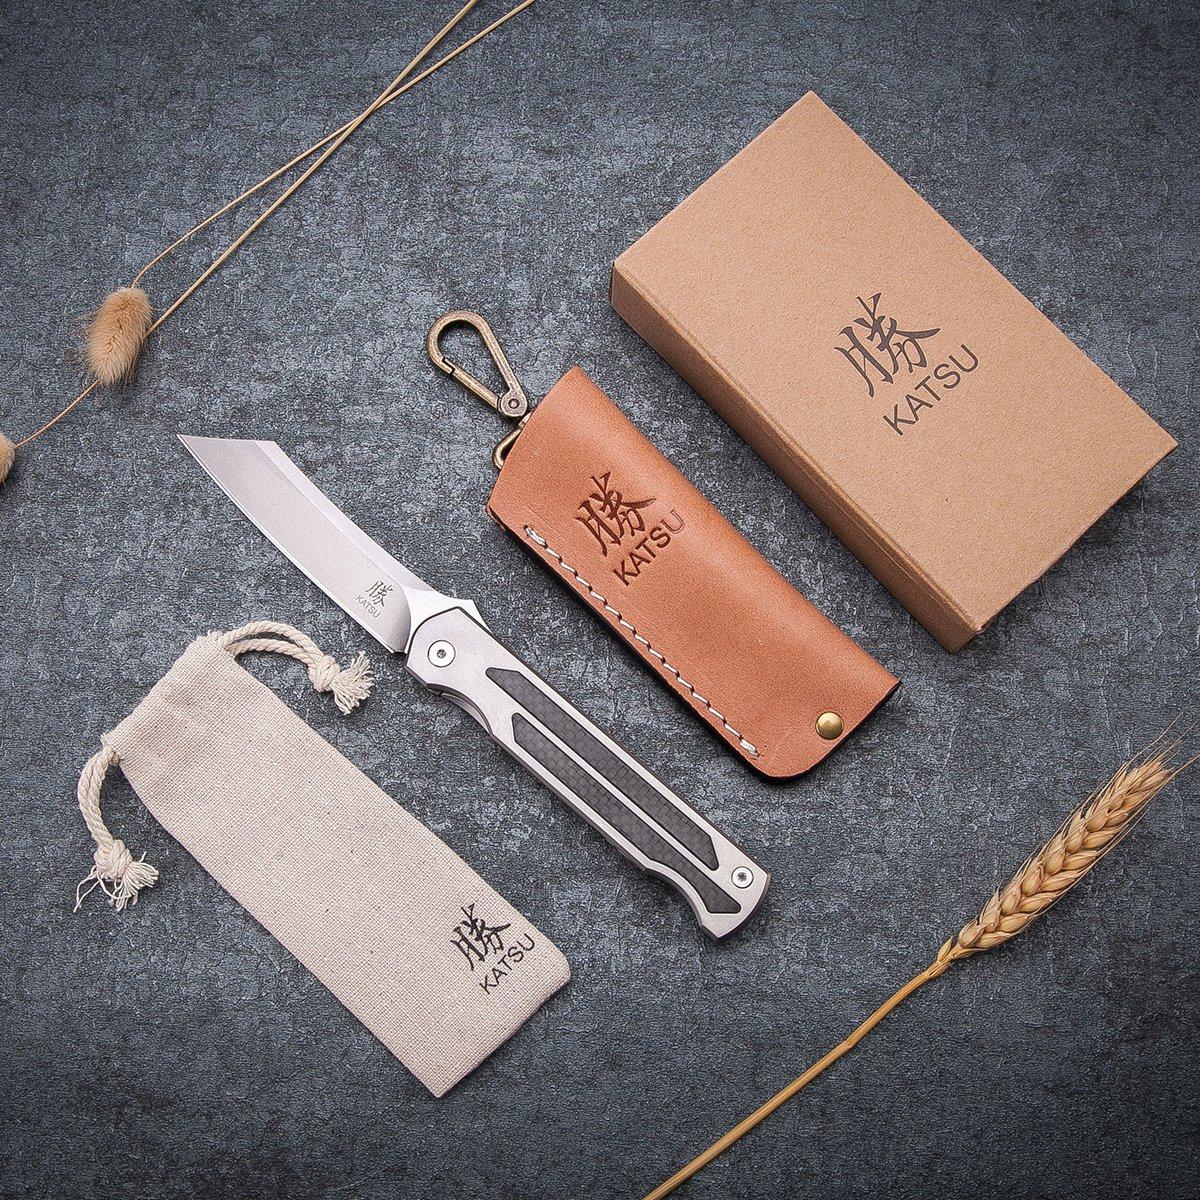 KATSU Camping Pocket Folding Japanese Knife, Titanium & Carbon Fiber Handle, Frame Lock, Stonewashed Cleaver Razor Blade, Leather Sheath by KATSU (Image #4)